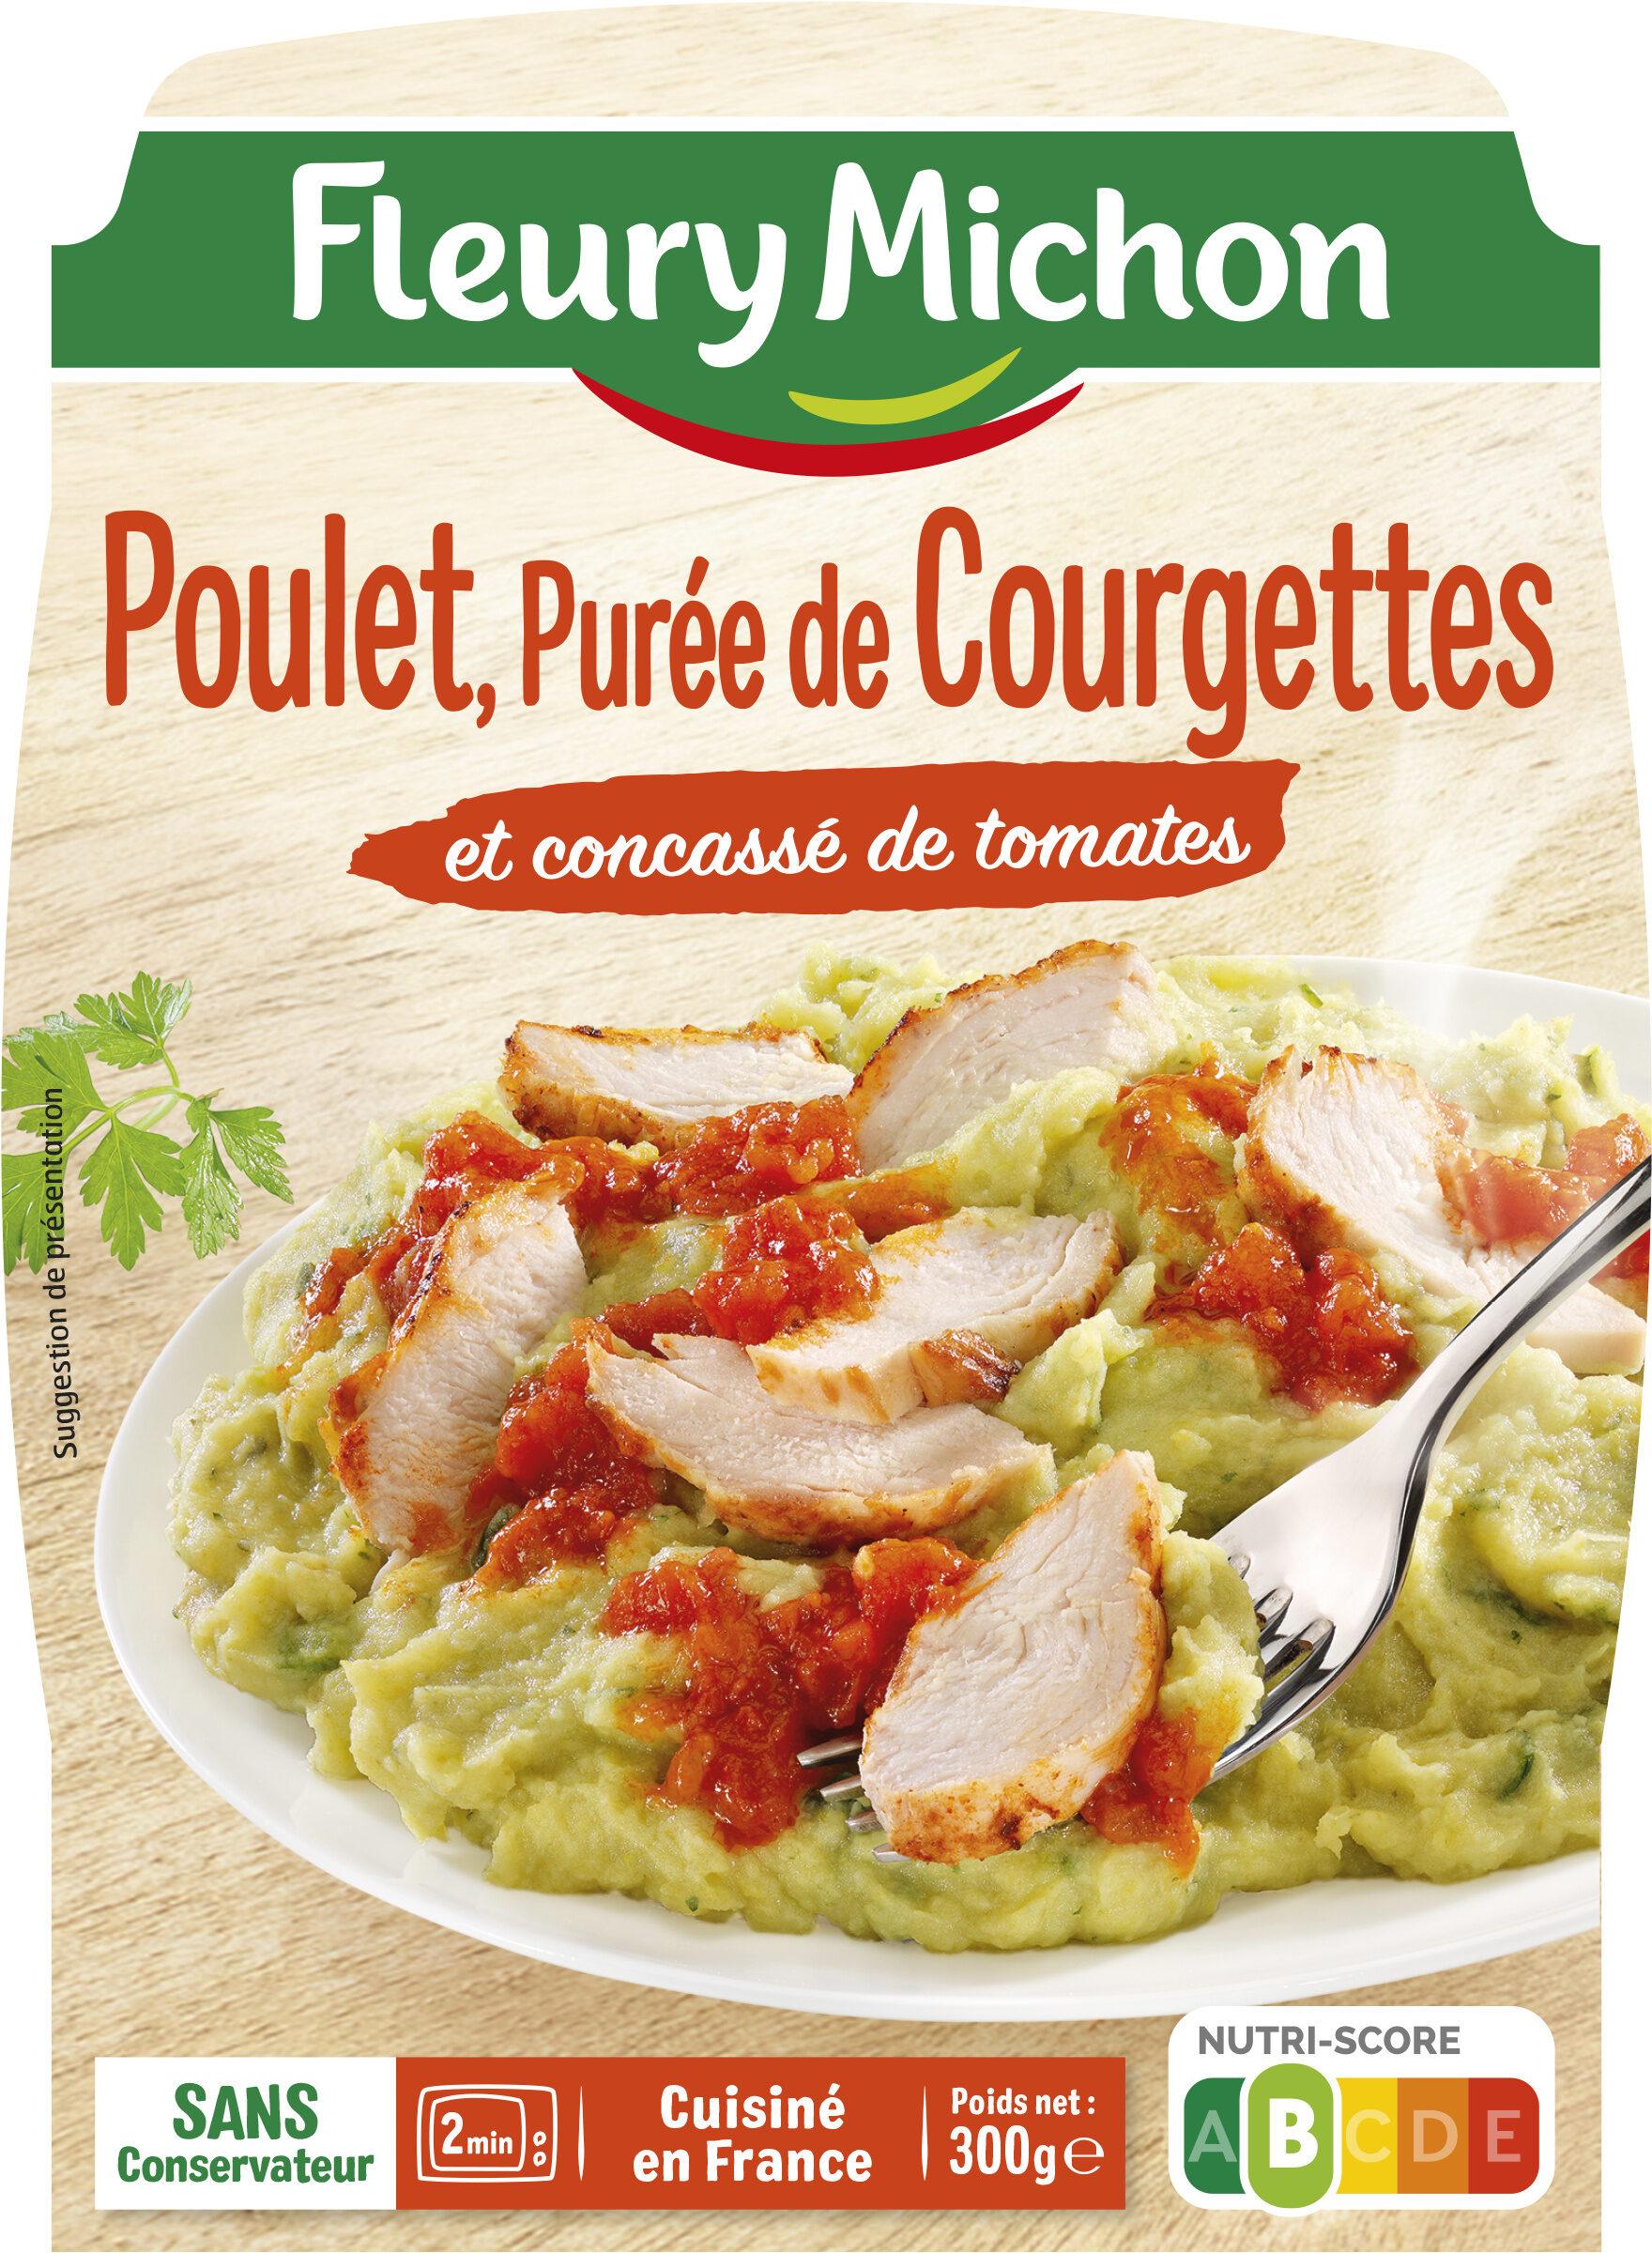 Poulet, Purée de Courgettes et concassé de tomates - Produit - fr